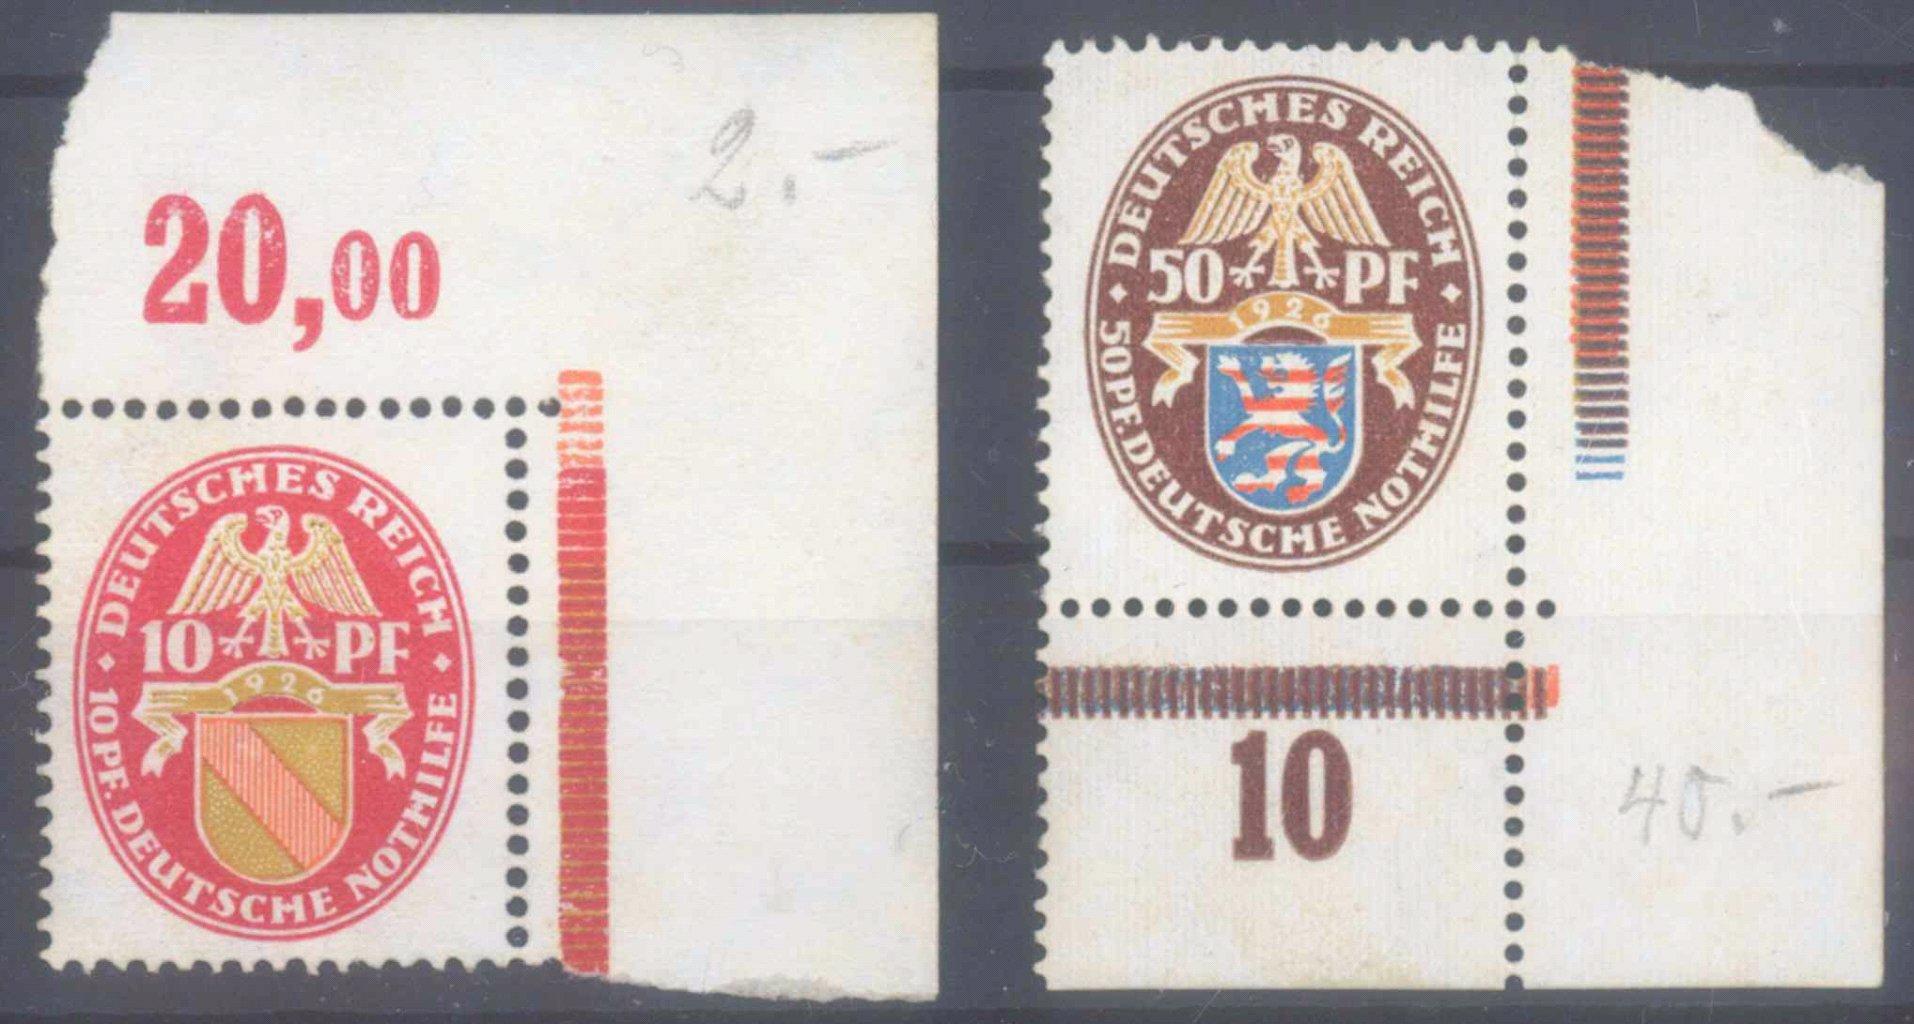 DEUTSCHES REICH 1926, NOTHILFE – Bogenecken